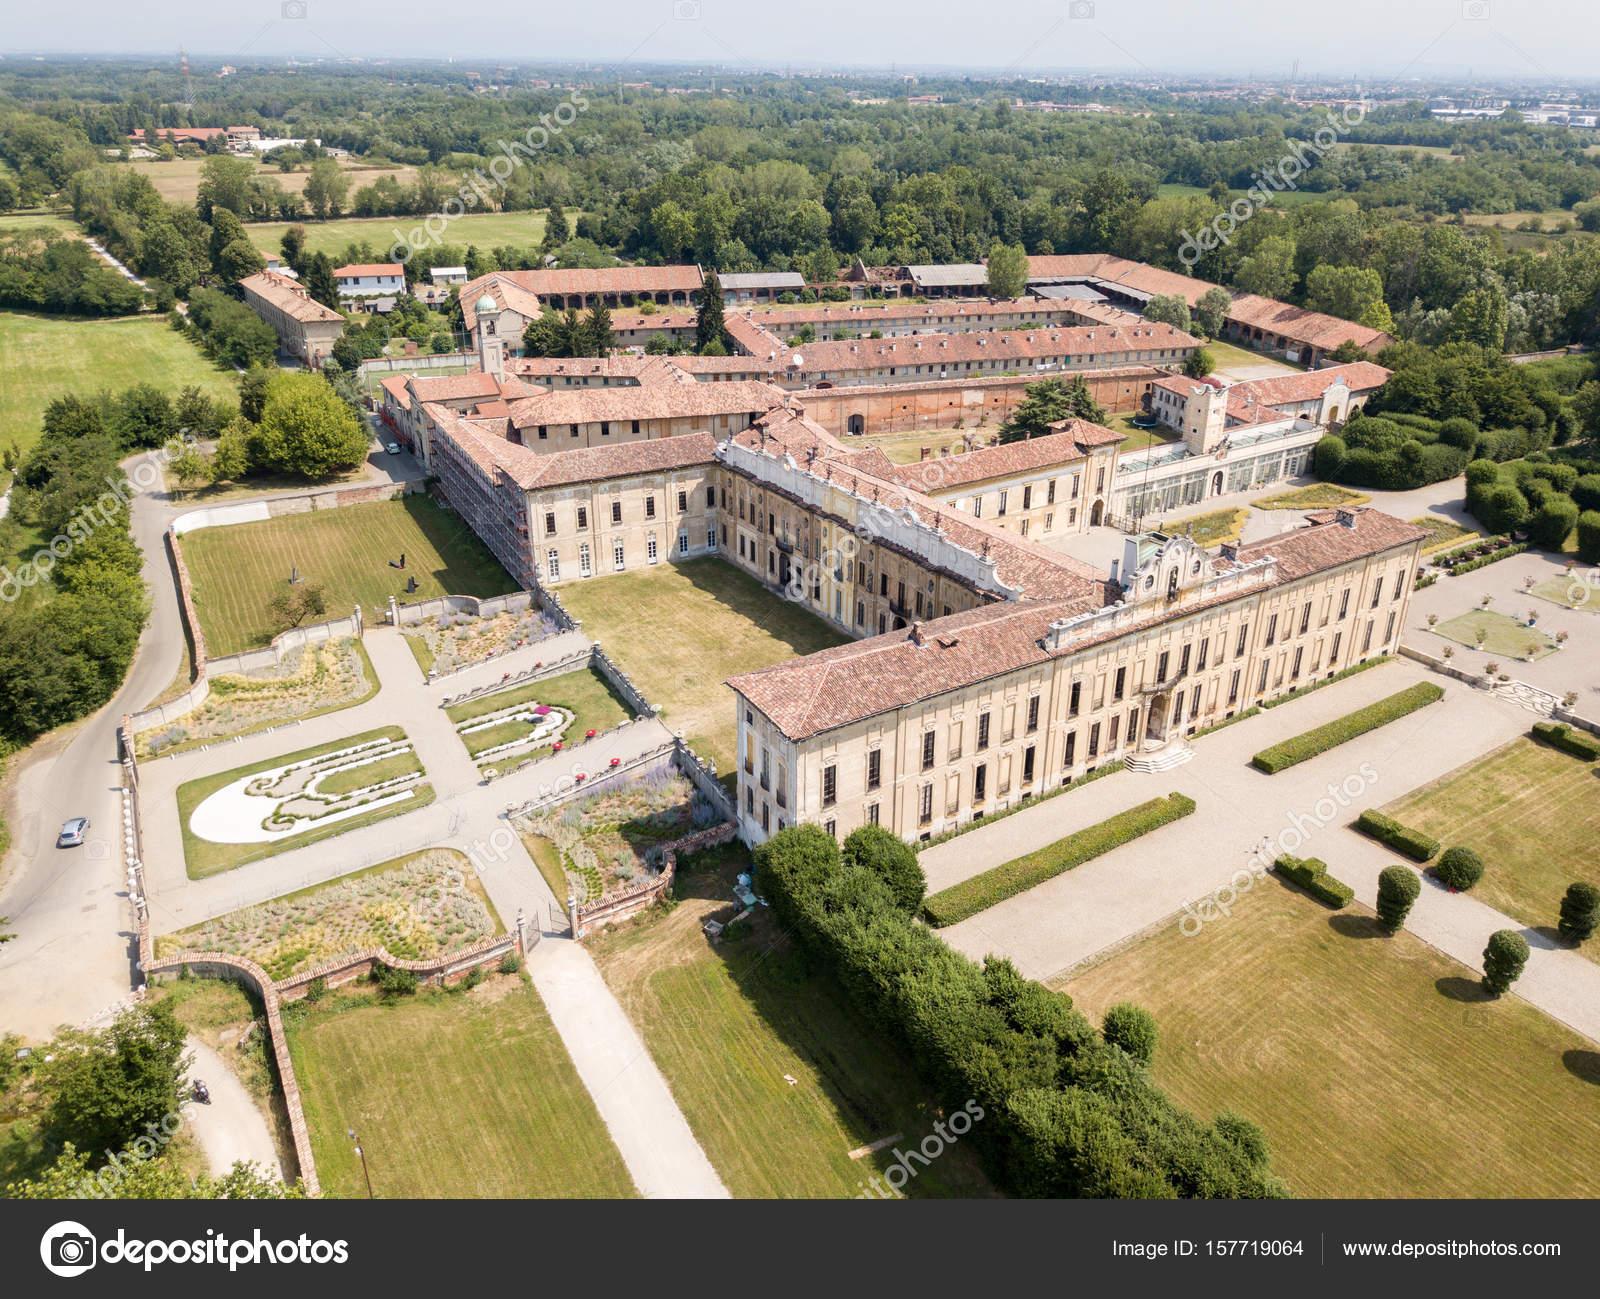 Villa Arconati Castellazzo Bollate Milan Italy Aerial